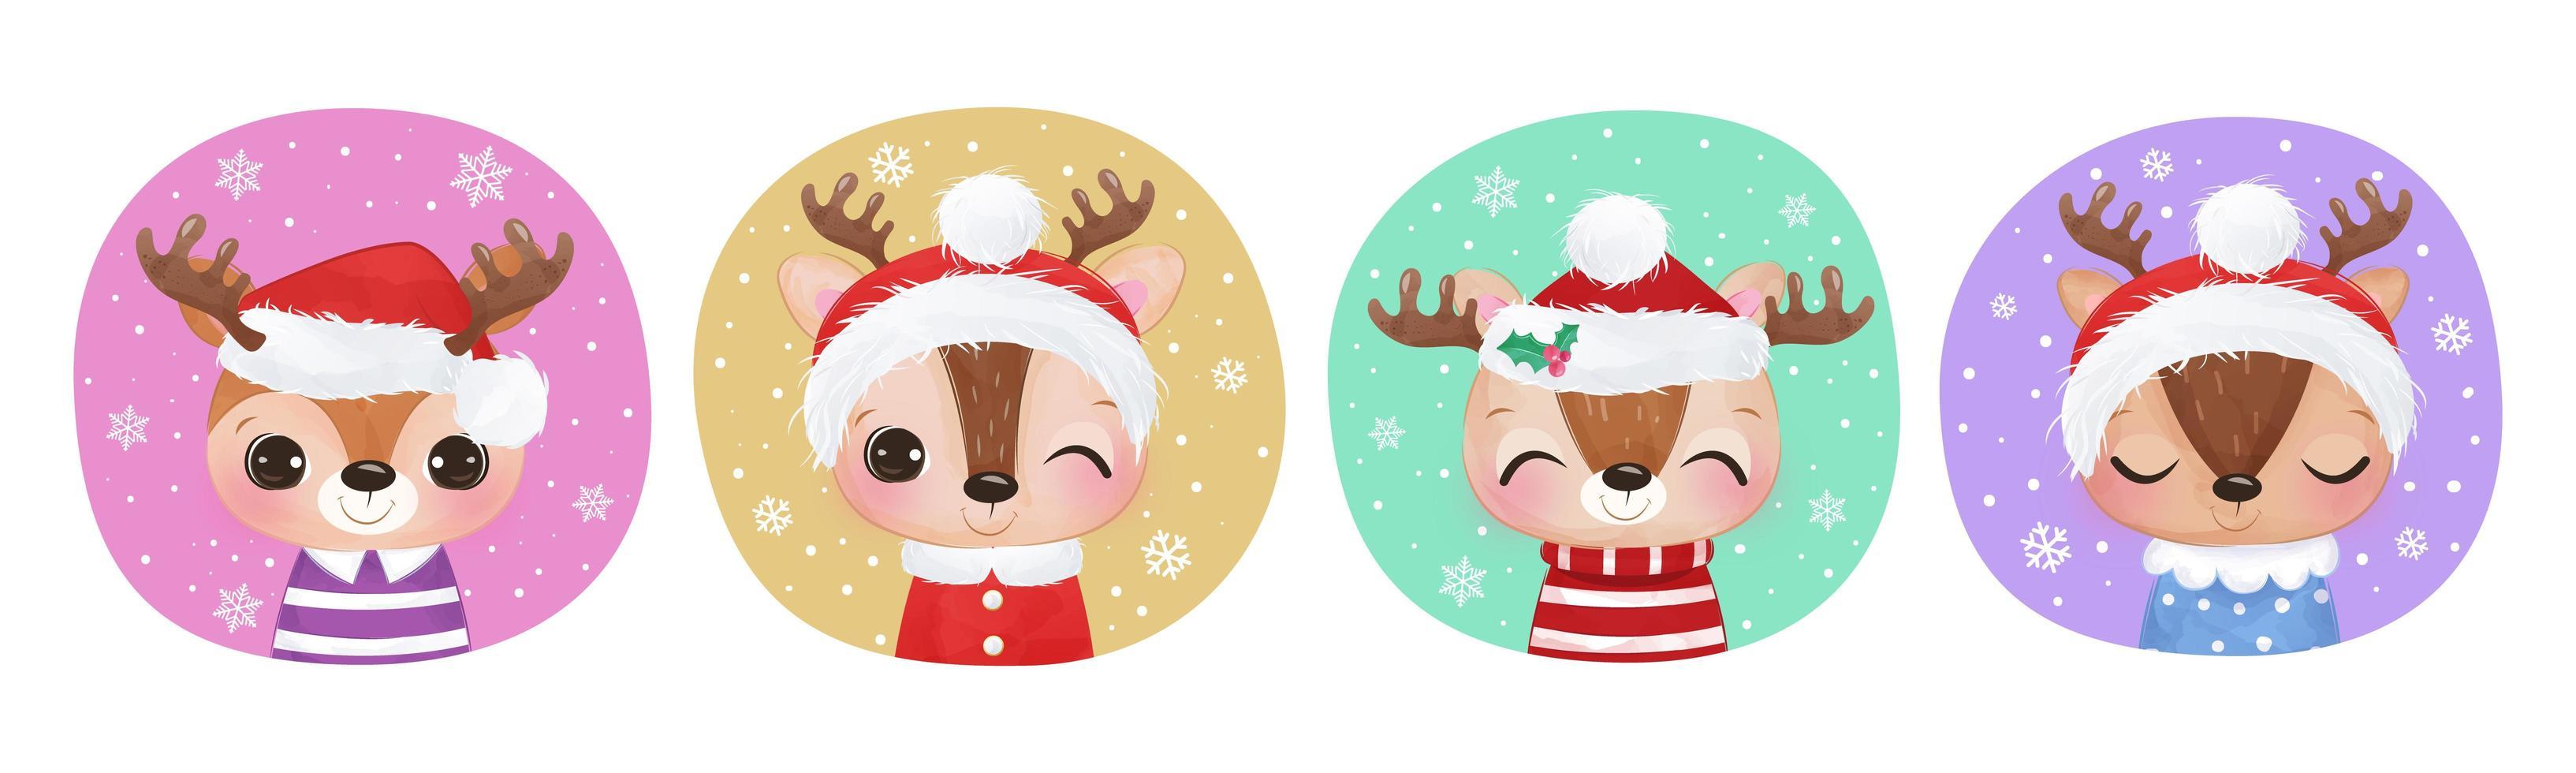 coleção de renas fofas para decoração de natal vetor